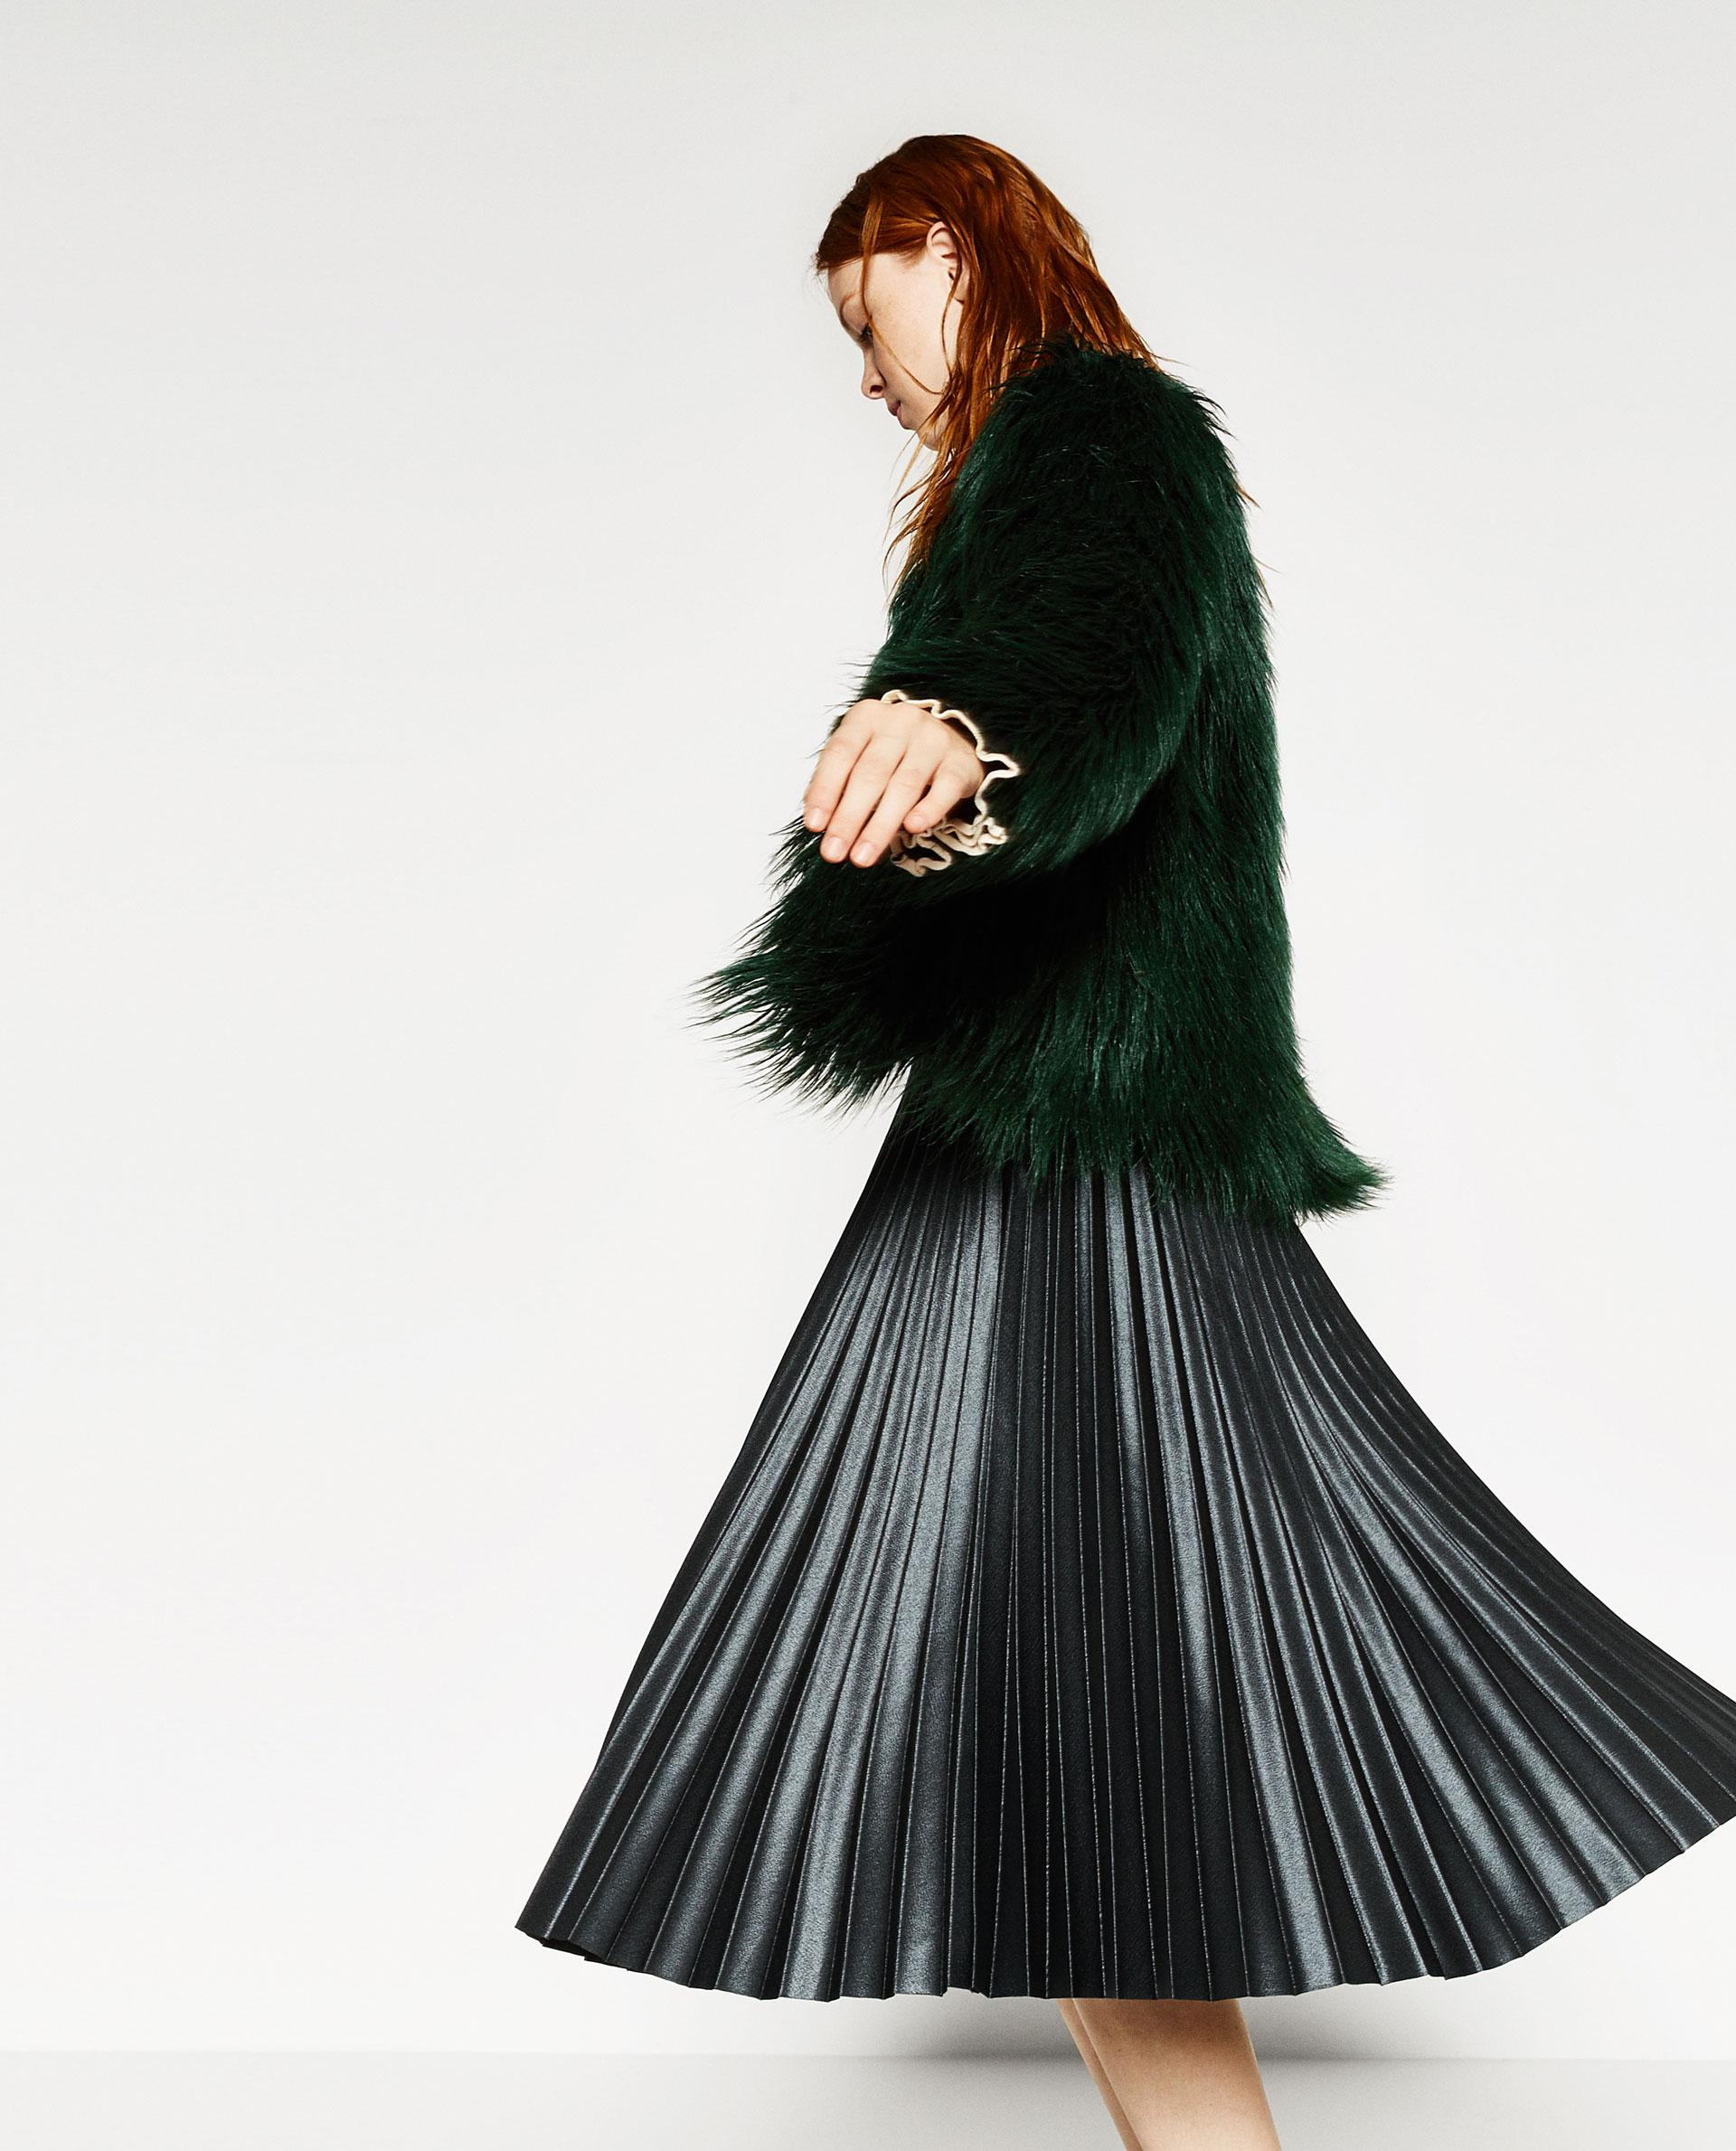 great deals 2017 many styles on sale La jupe plissée prend une longueur d'avance - Madame Figaro